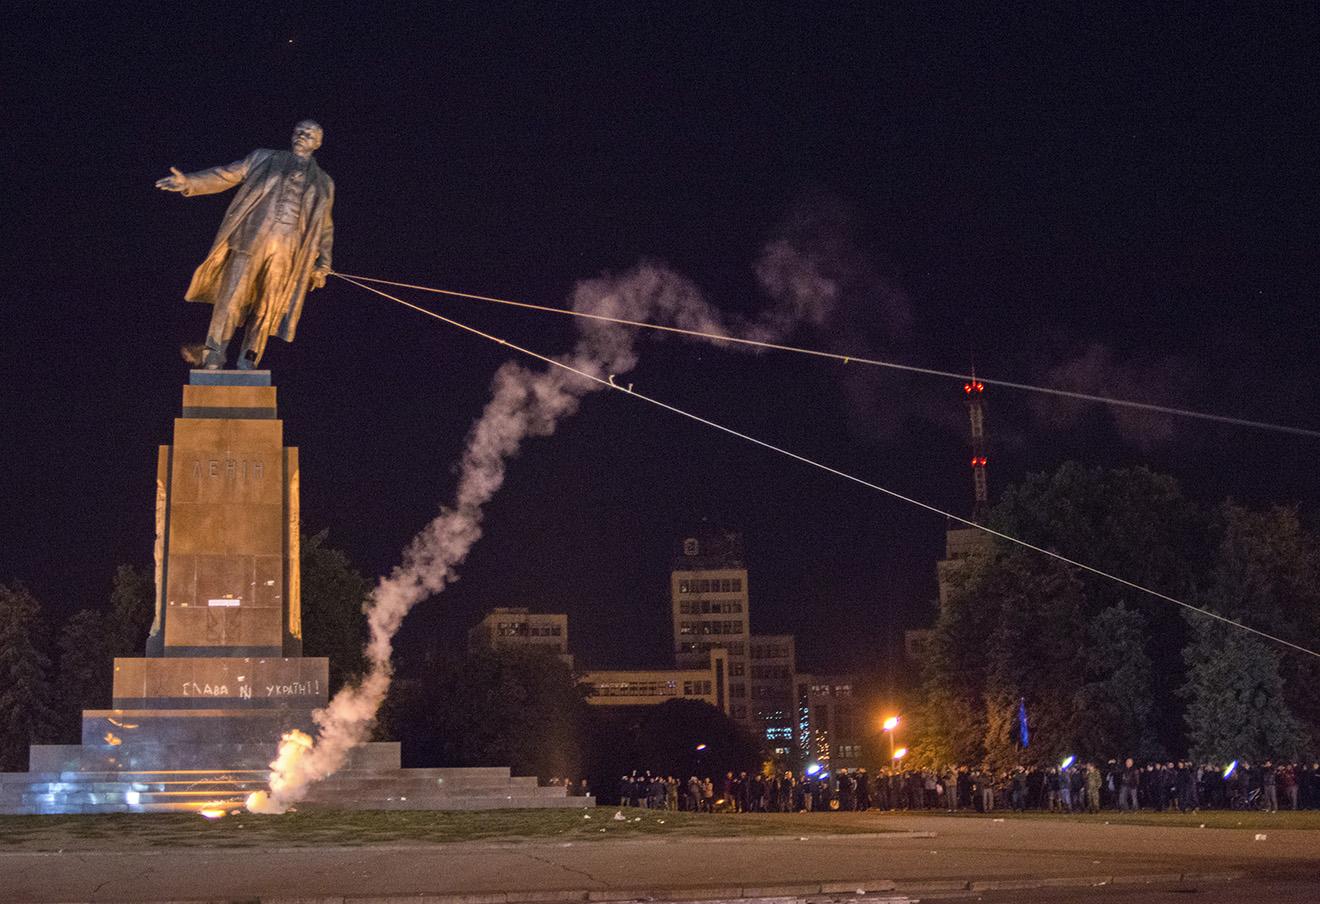 Демонтаж памятника Ленину в Харькове. Украина, 2014 год. Фото: Егор Чекачев / AP / East News